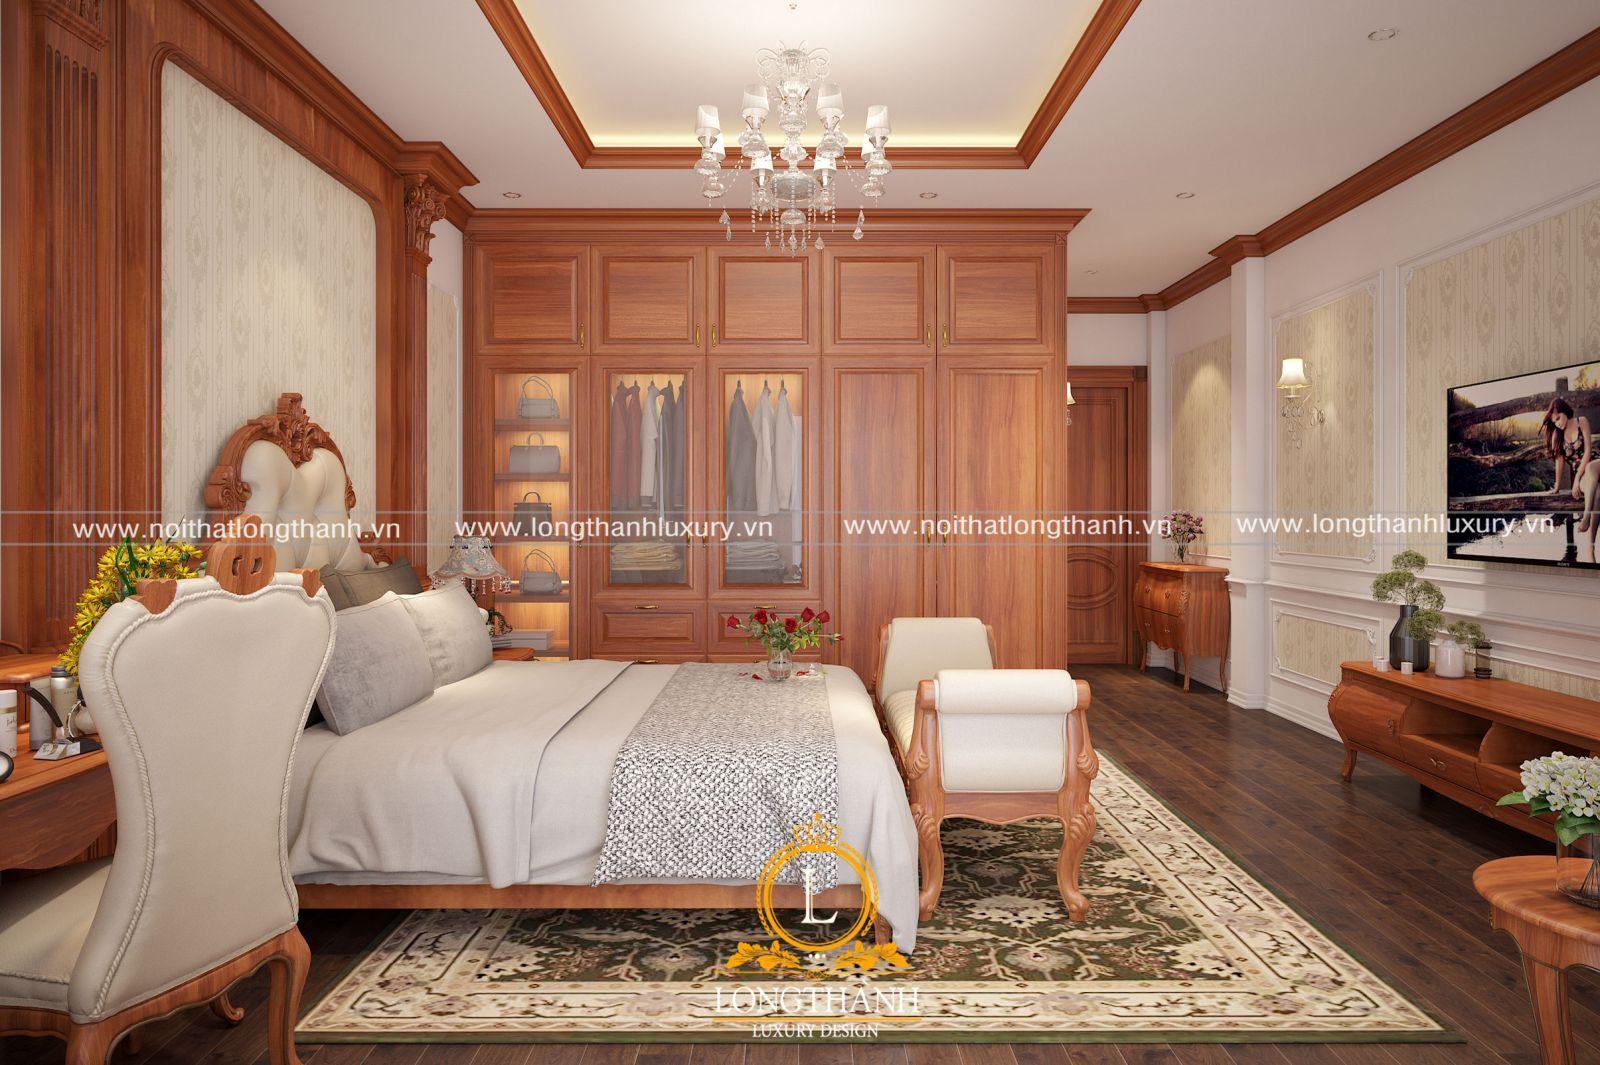 Nội thất phòng ngủ tân cổ điển được tích hợp đầy đủ công năng